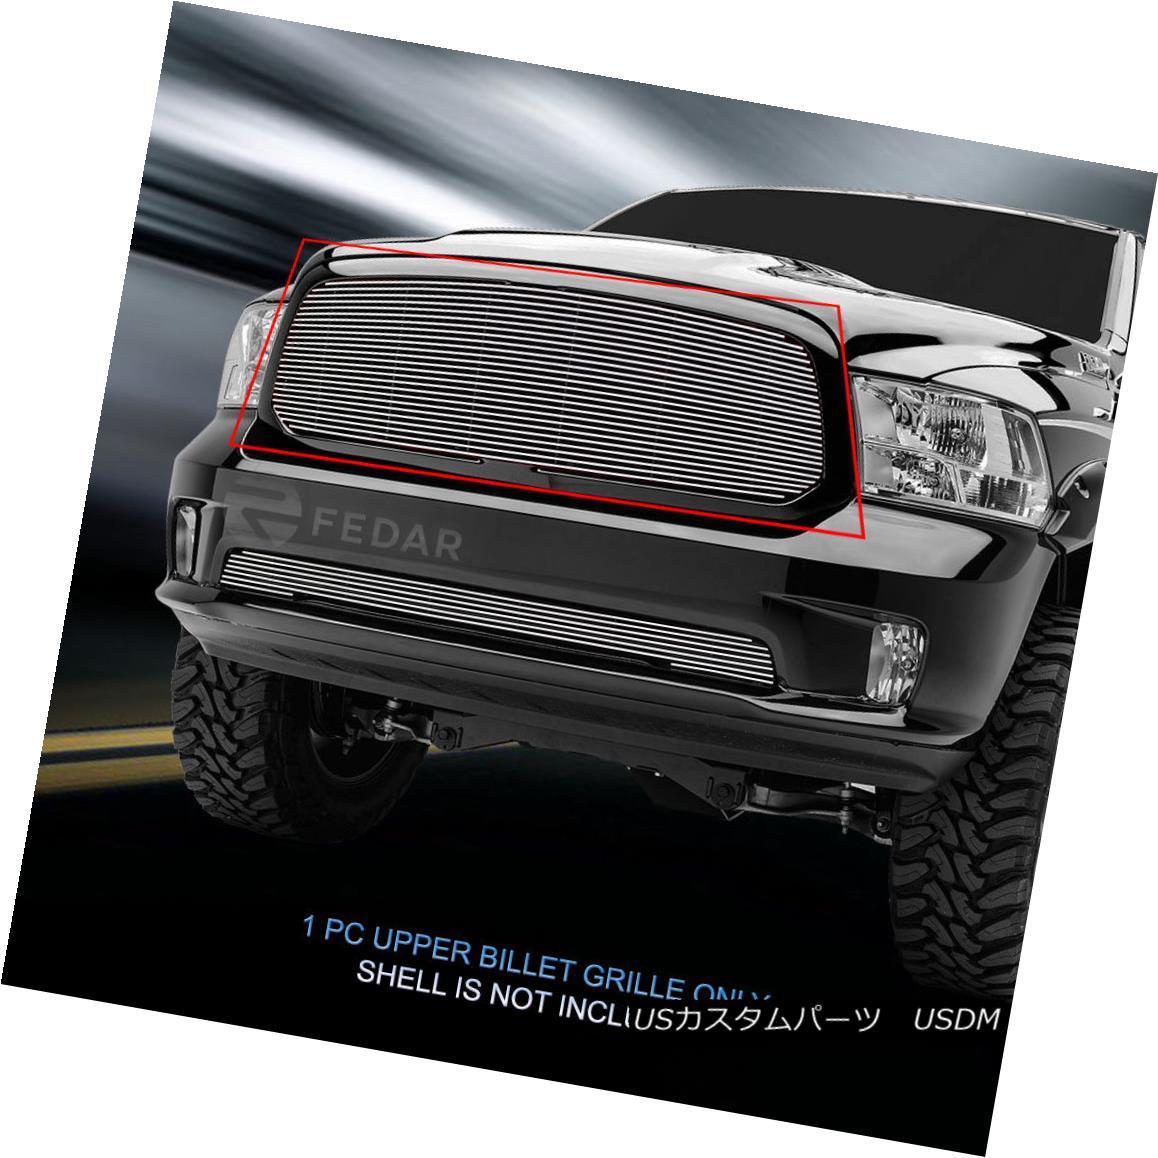 グリル Fits 2013-2017 Dodge Ram 1500 Billet Grille Main Upper Grill Insert Fedar 2013-2017 Dodge Ram 1500ビレットグリルメインアッパーグリルインサートFedar